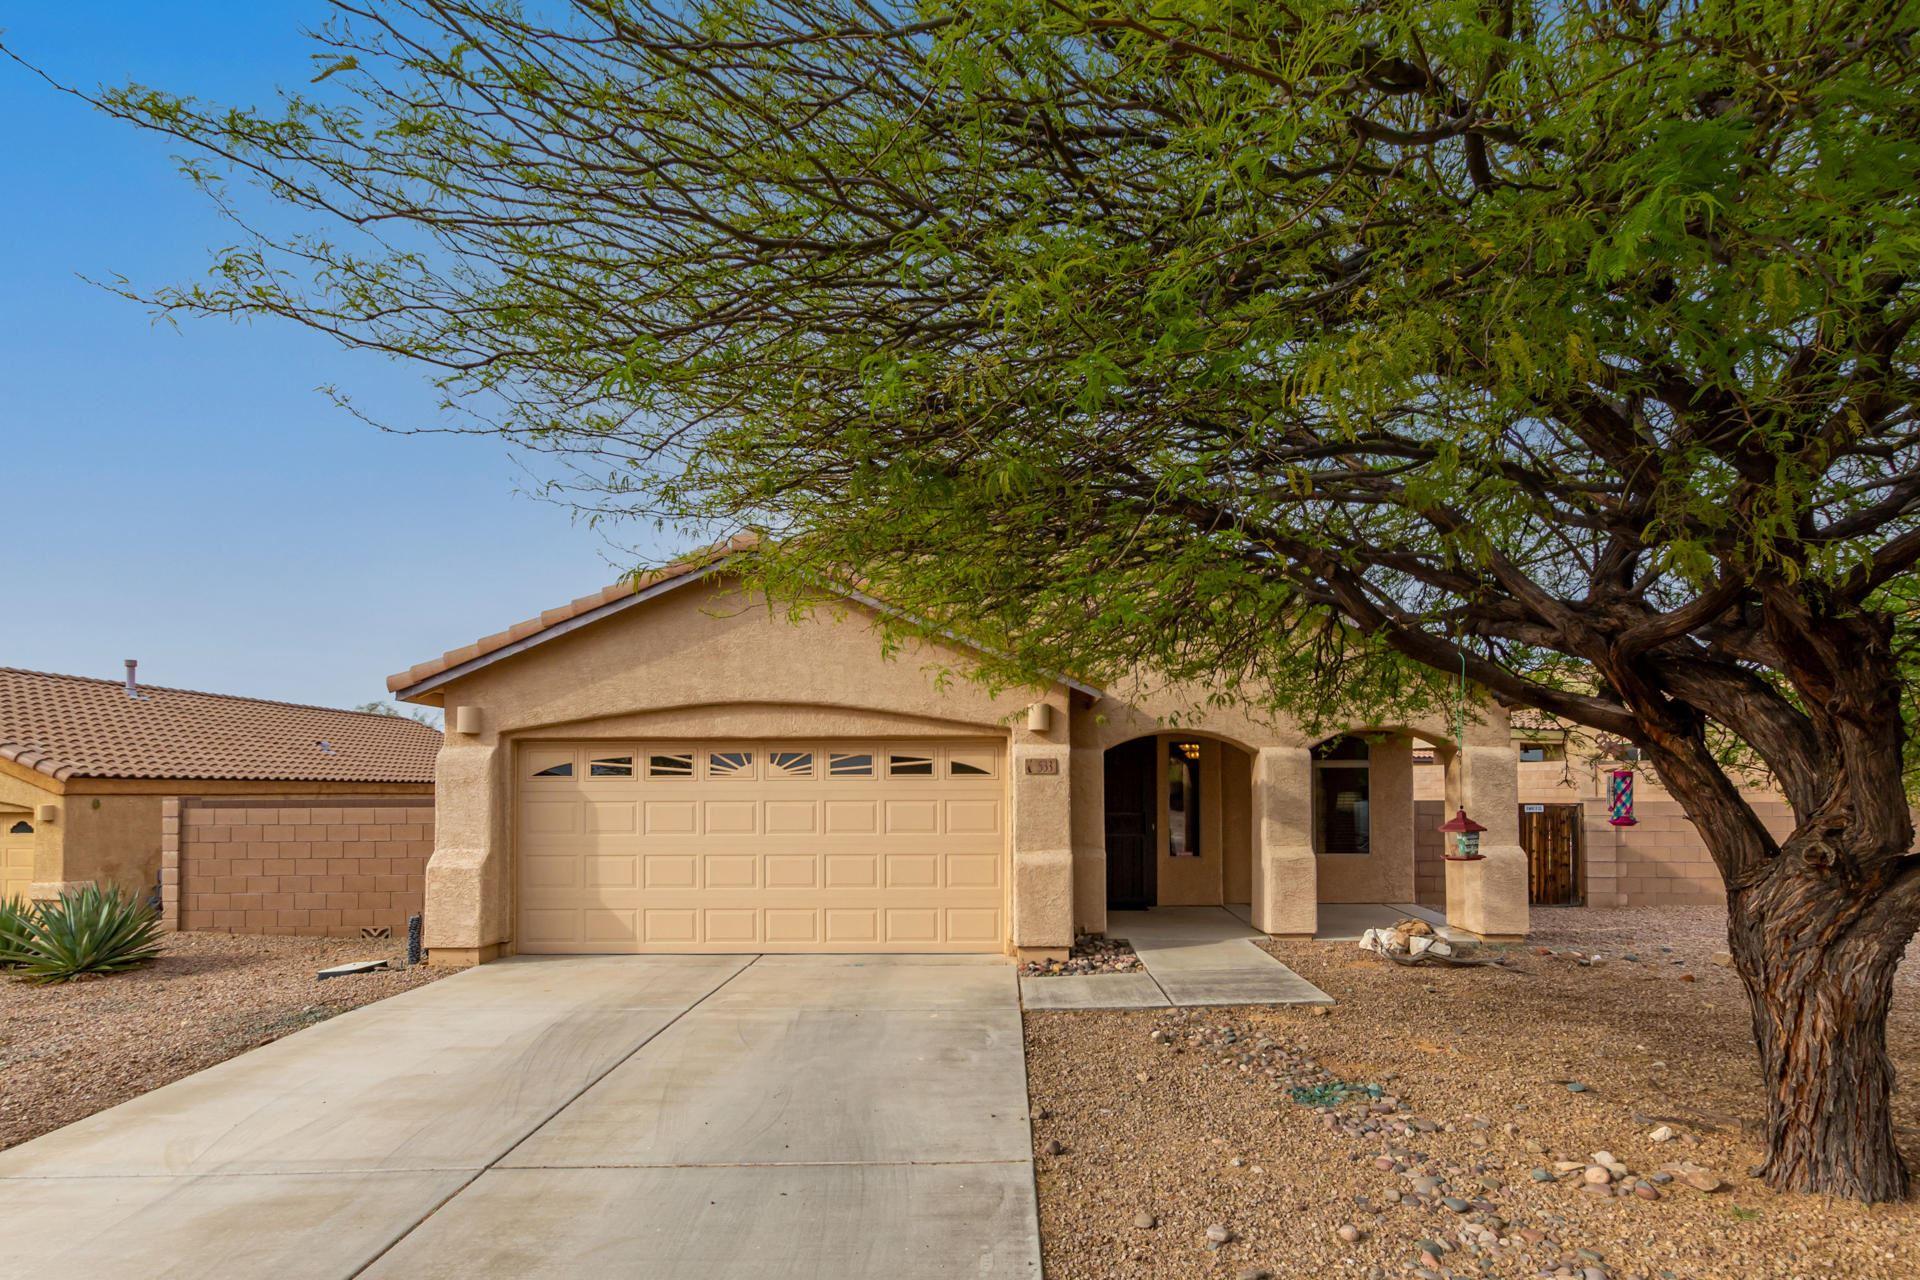 533 S Douglas Wash Road, Vail, AZ 85641 - MLS#: 22109884